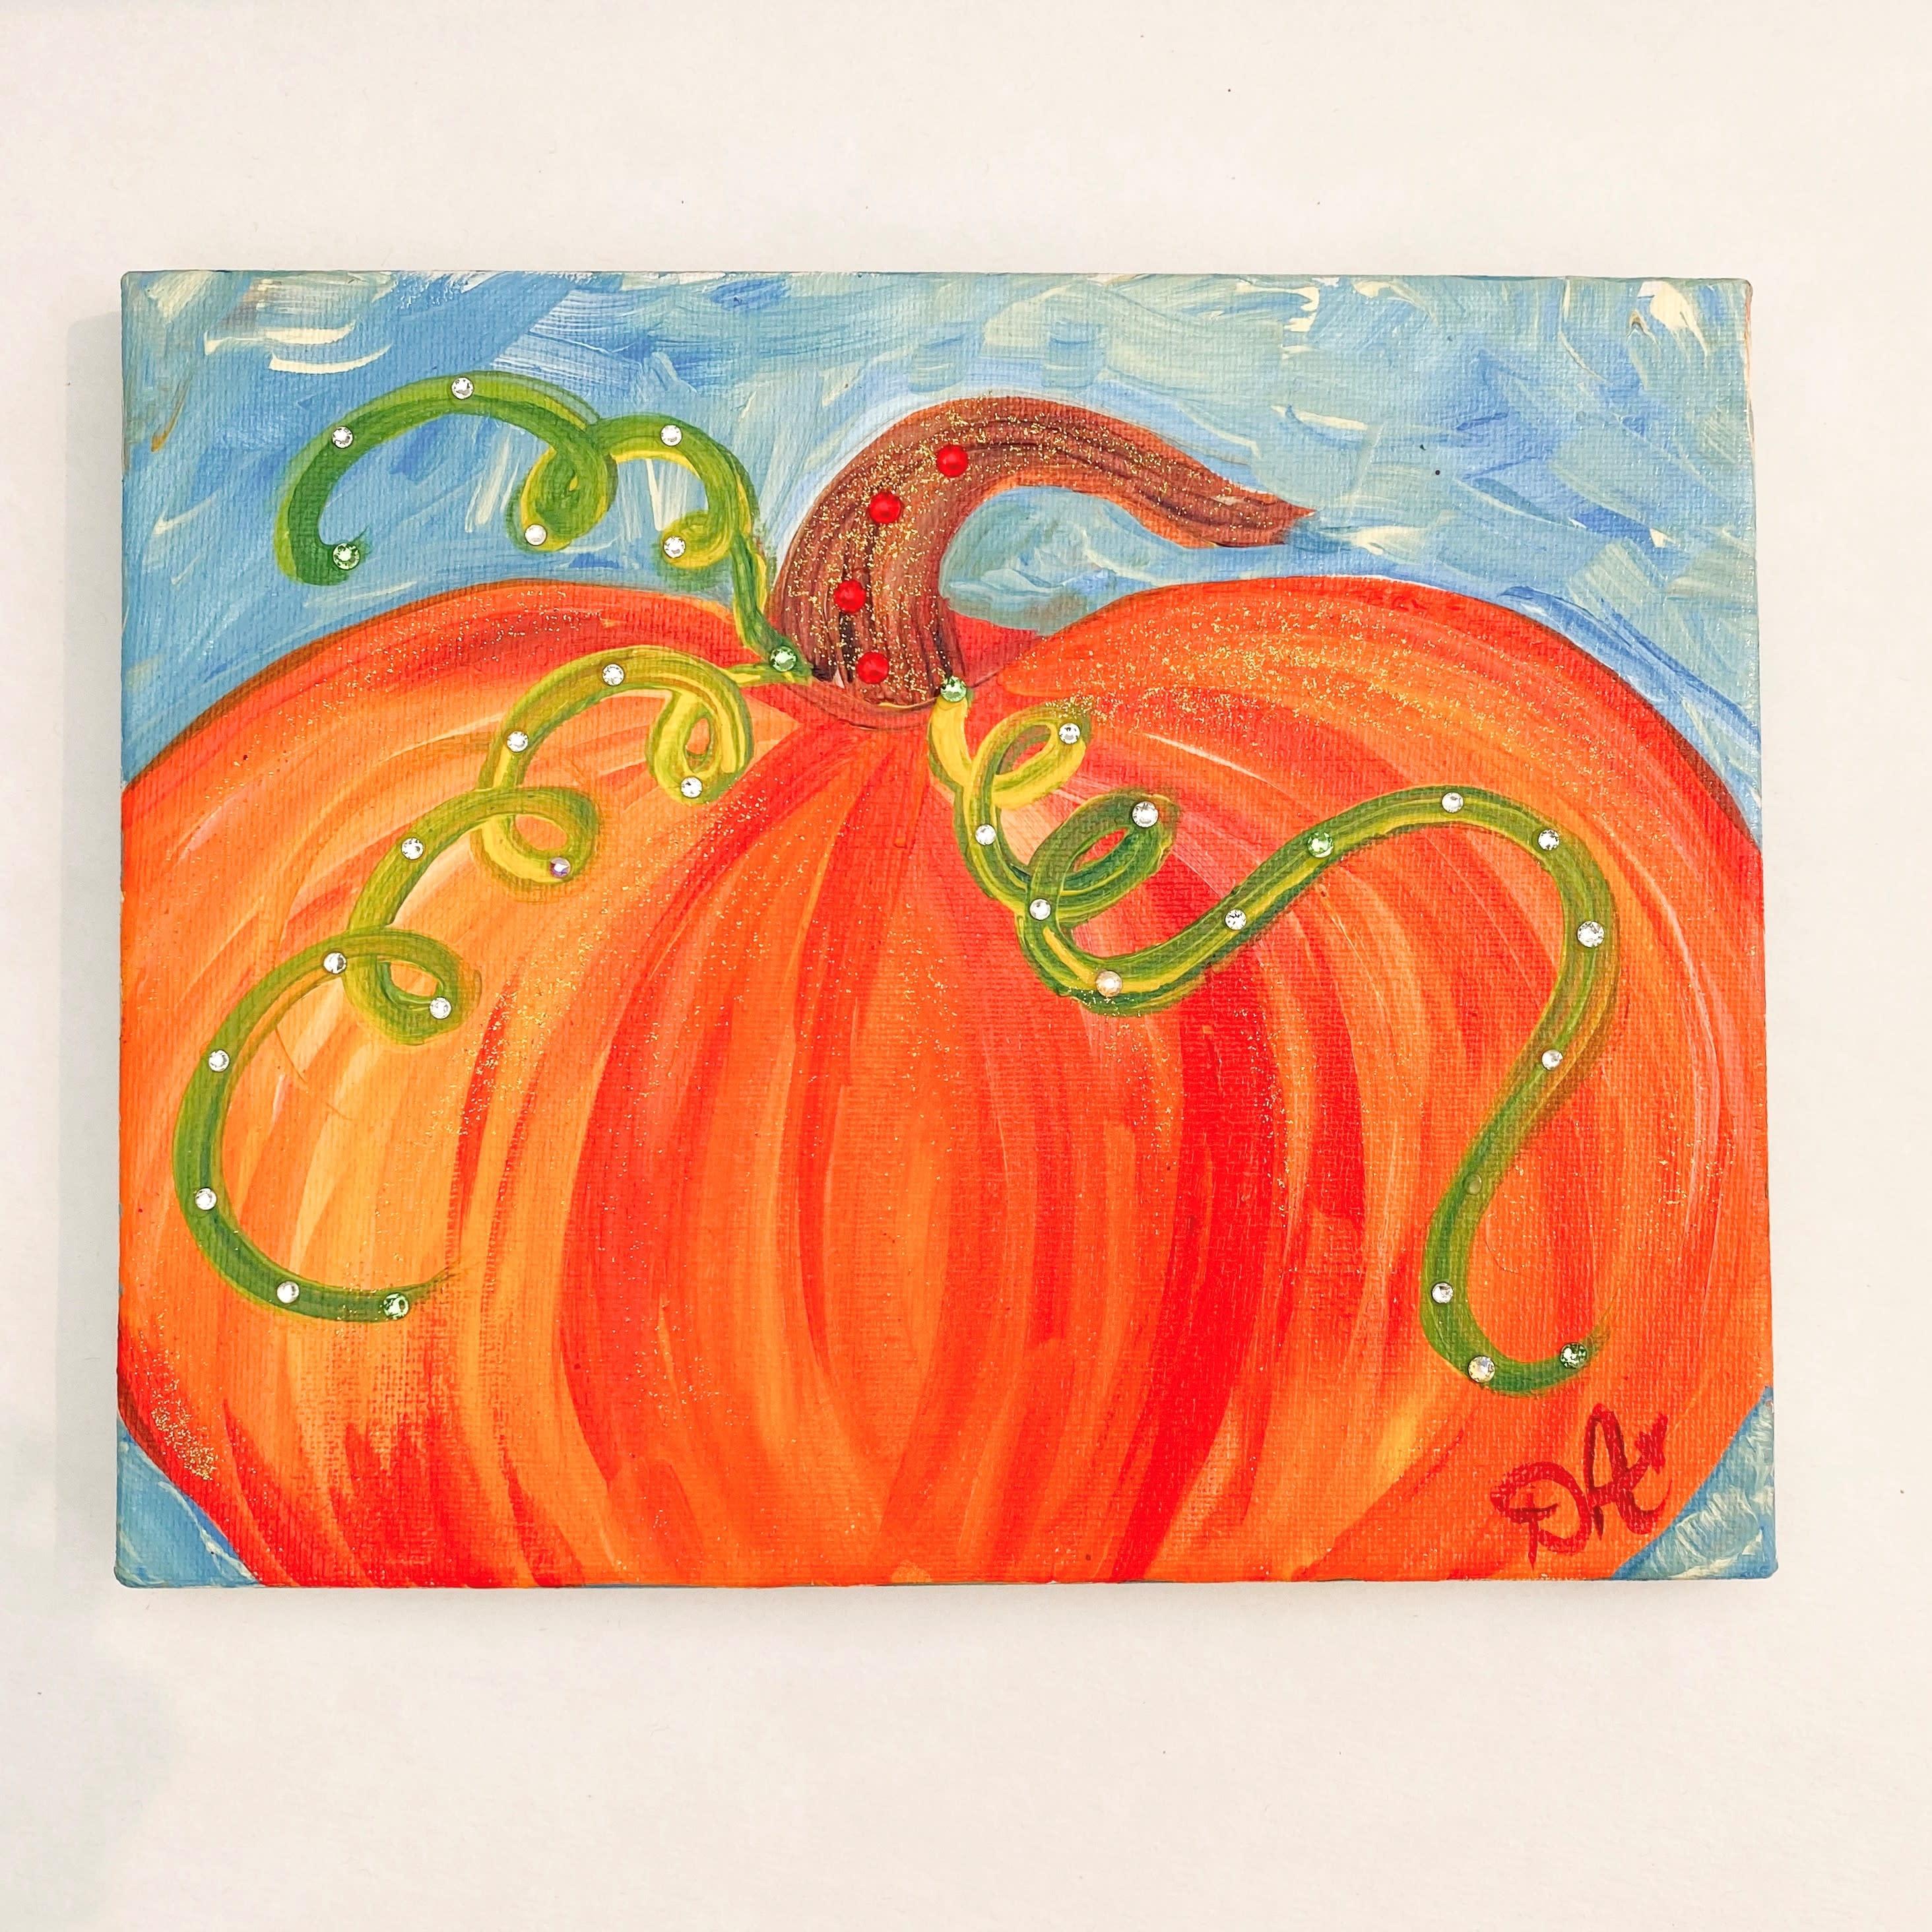 Pleasing pumpkin xtvrqa